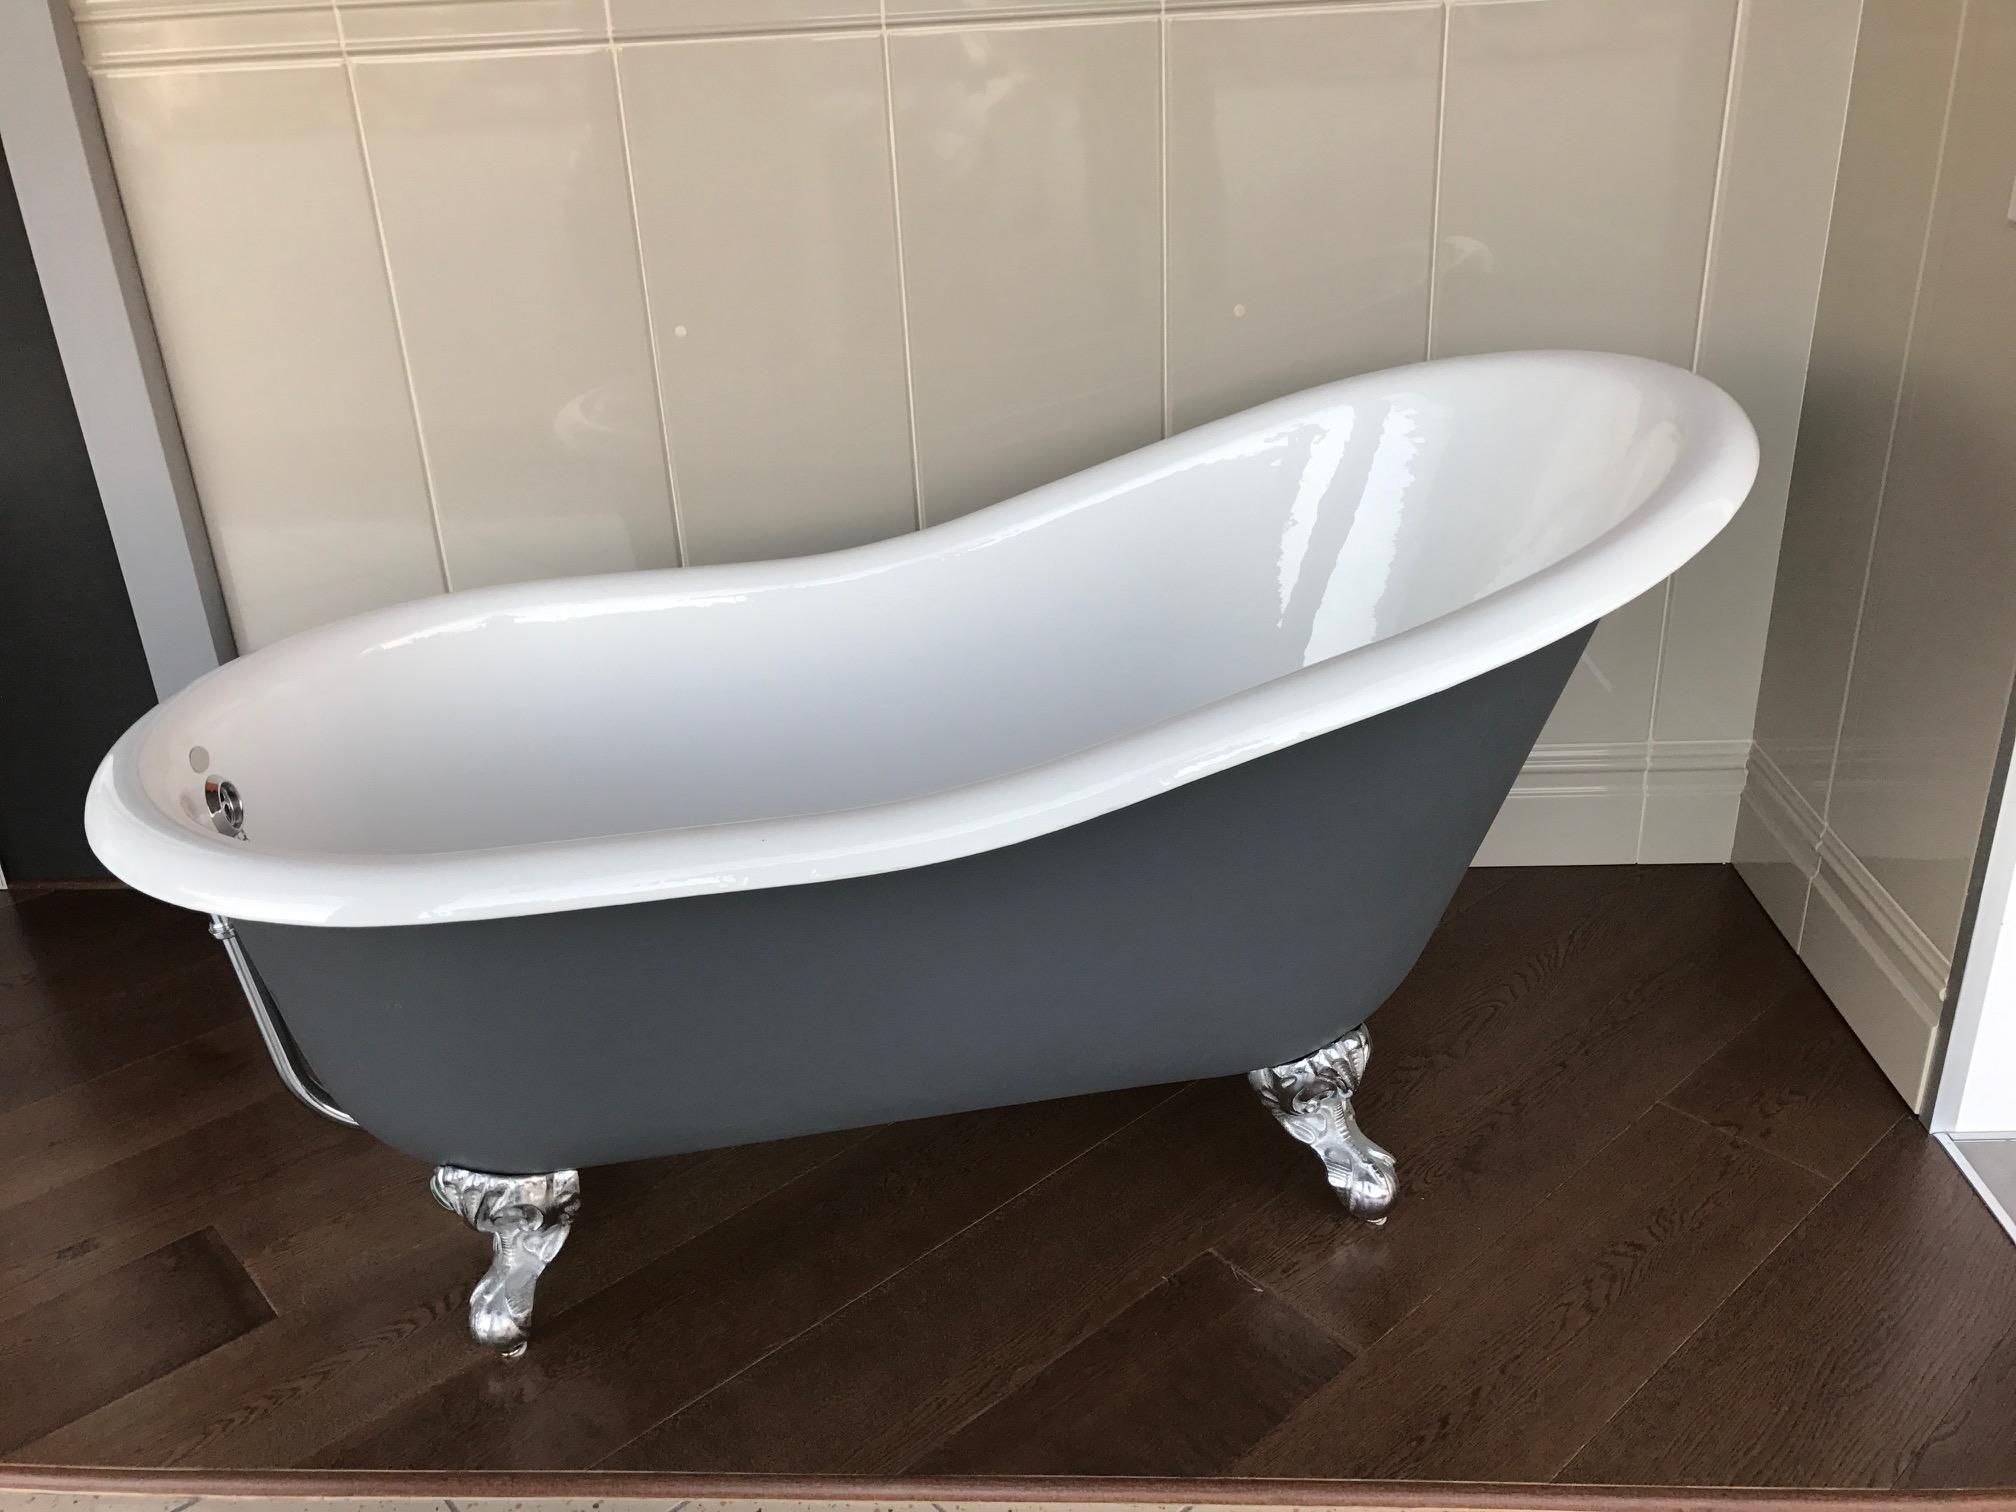 Come Si Chiama La Vasca Da Bagno In Inglese : Vasca da bagno in inglese. beautiful vasca da bagno in inglese with